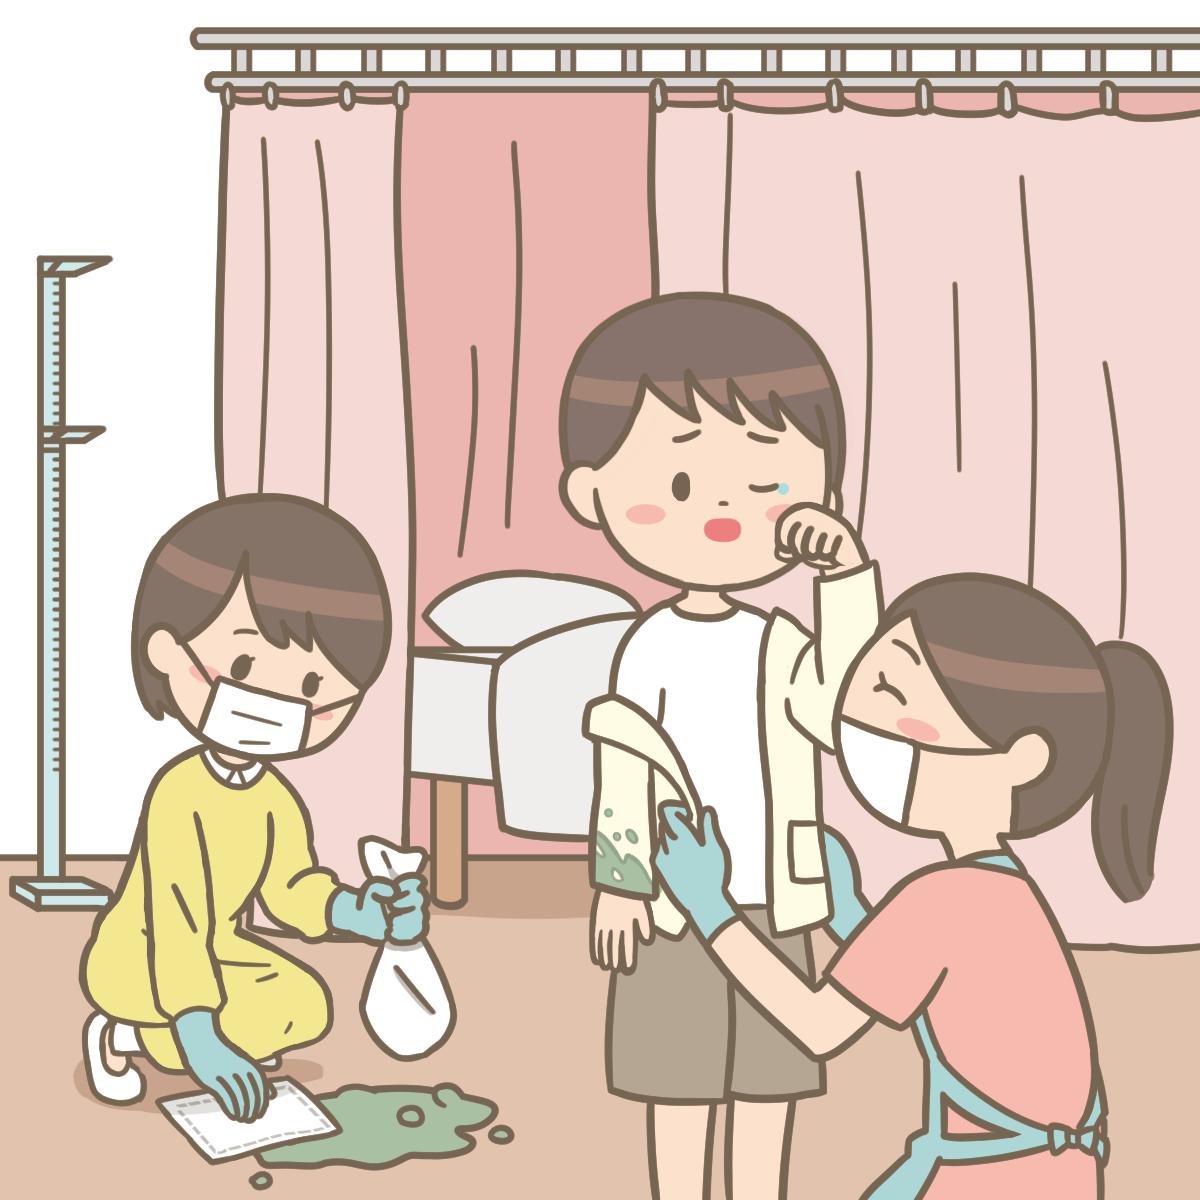 保健室の先生が男児の嘔吐物を処理しているイラストフリー素材